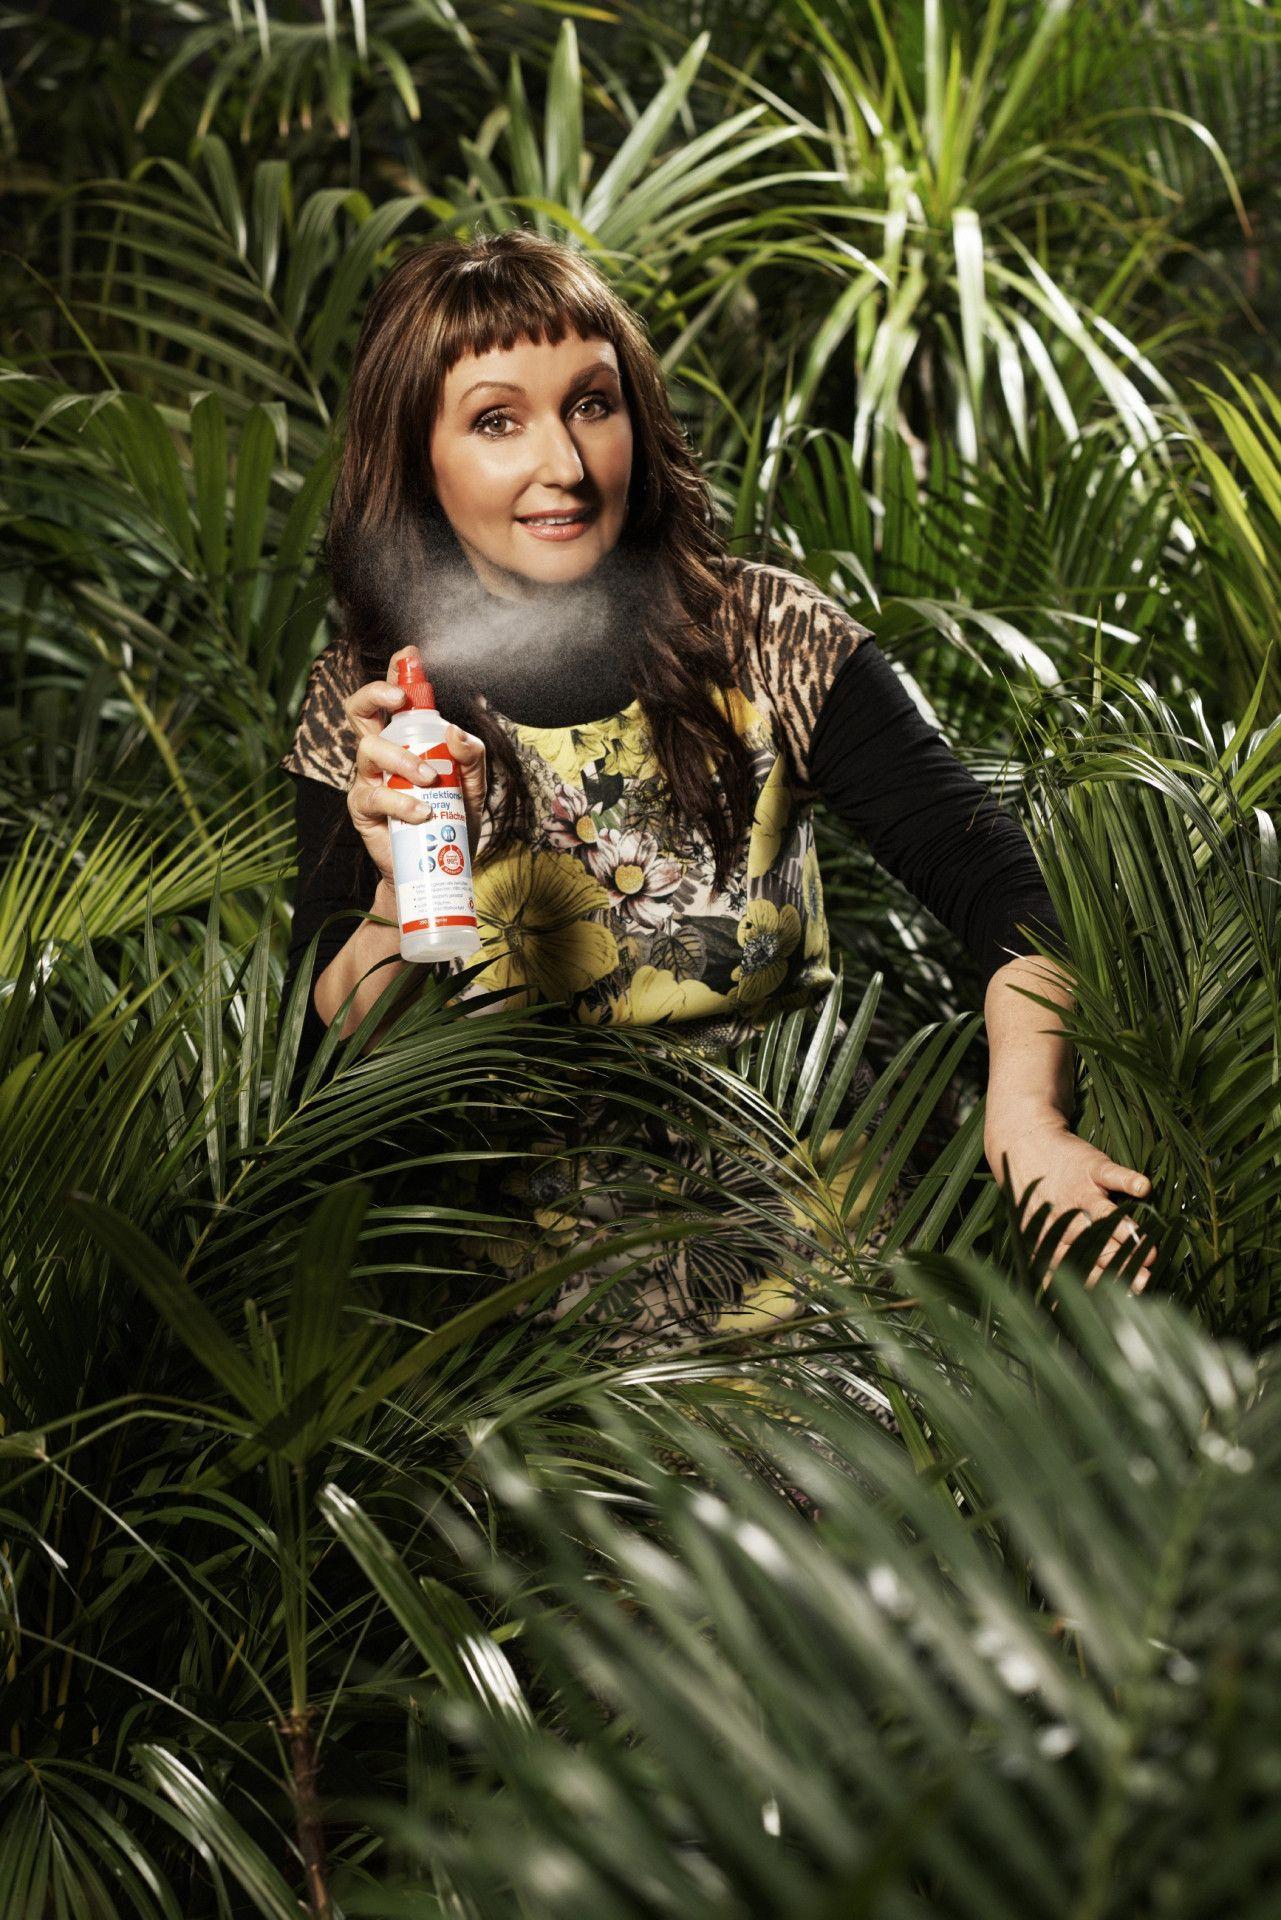 Hanka Rackwitz arbeitet eigentlich als TV-Maklerin, hofft im Dschungel aber ihre Ängste und Zwänge zu überwinden.